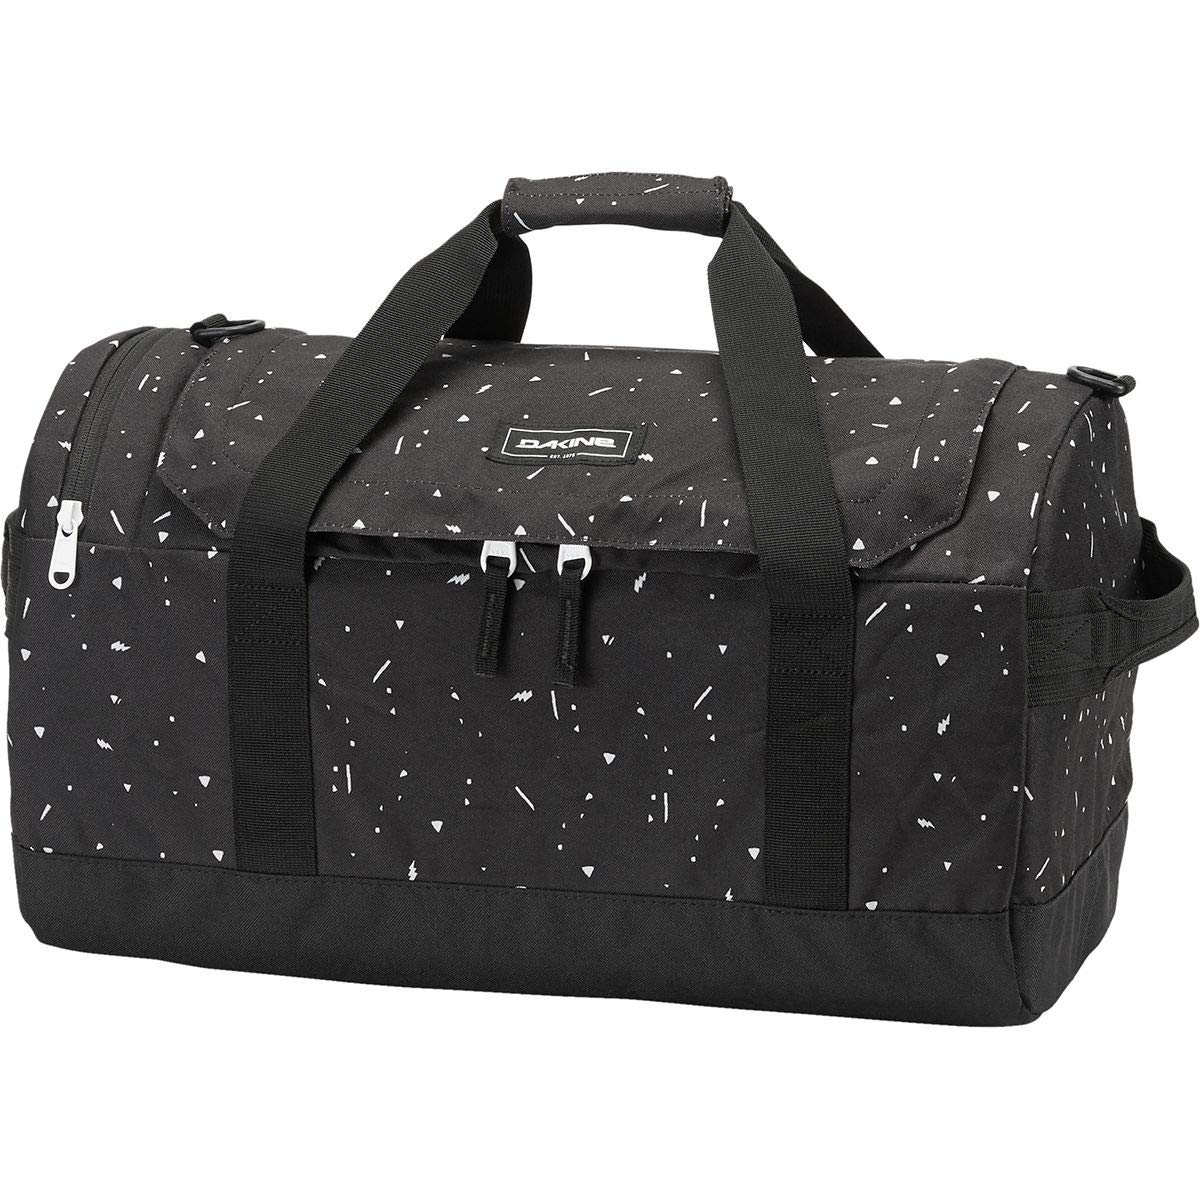 [ダカイン DAKINE] メンズ バッグ ボストンバッグ EQ 35L Duffel Bag [並行輸入品] No-Size  B07NZM6SNY